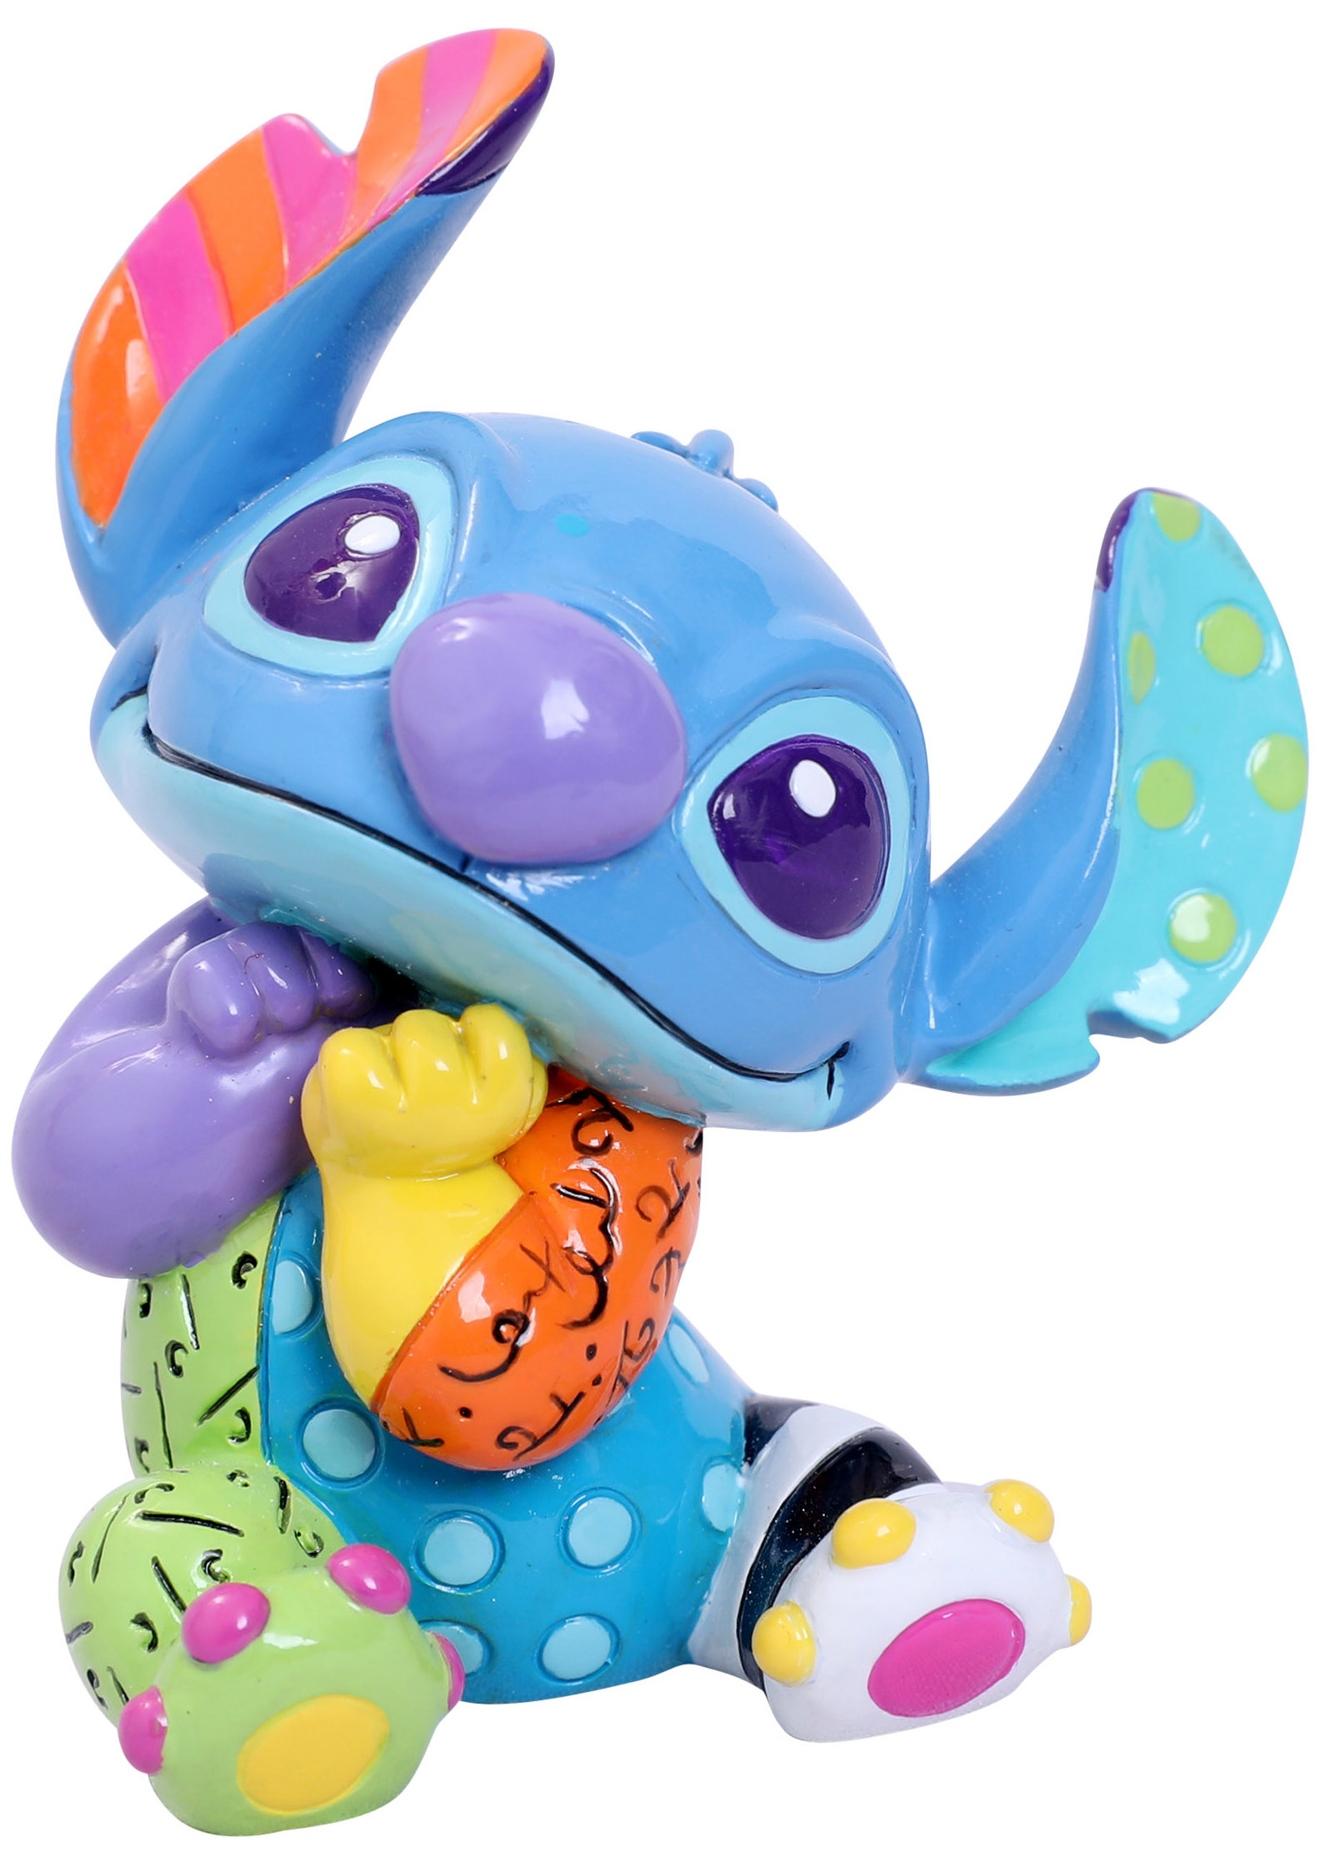 Disney by Britto 6006125 Mini Stitch Figurine